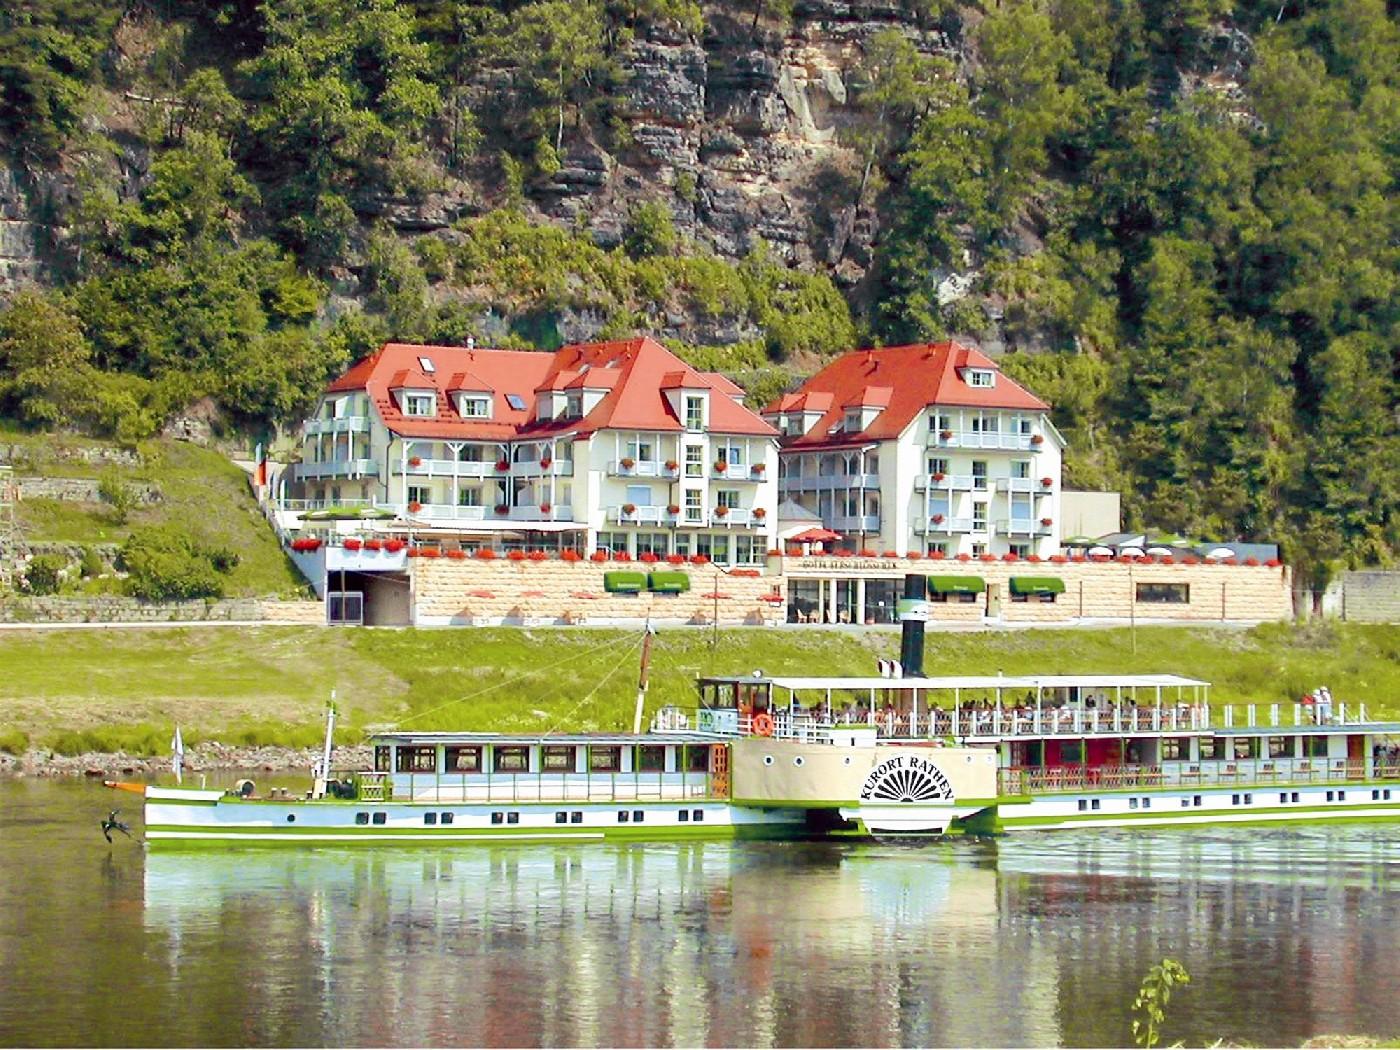 Hotel Elbschlösschen Bilder | Bild 1